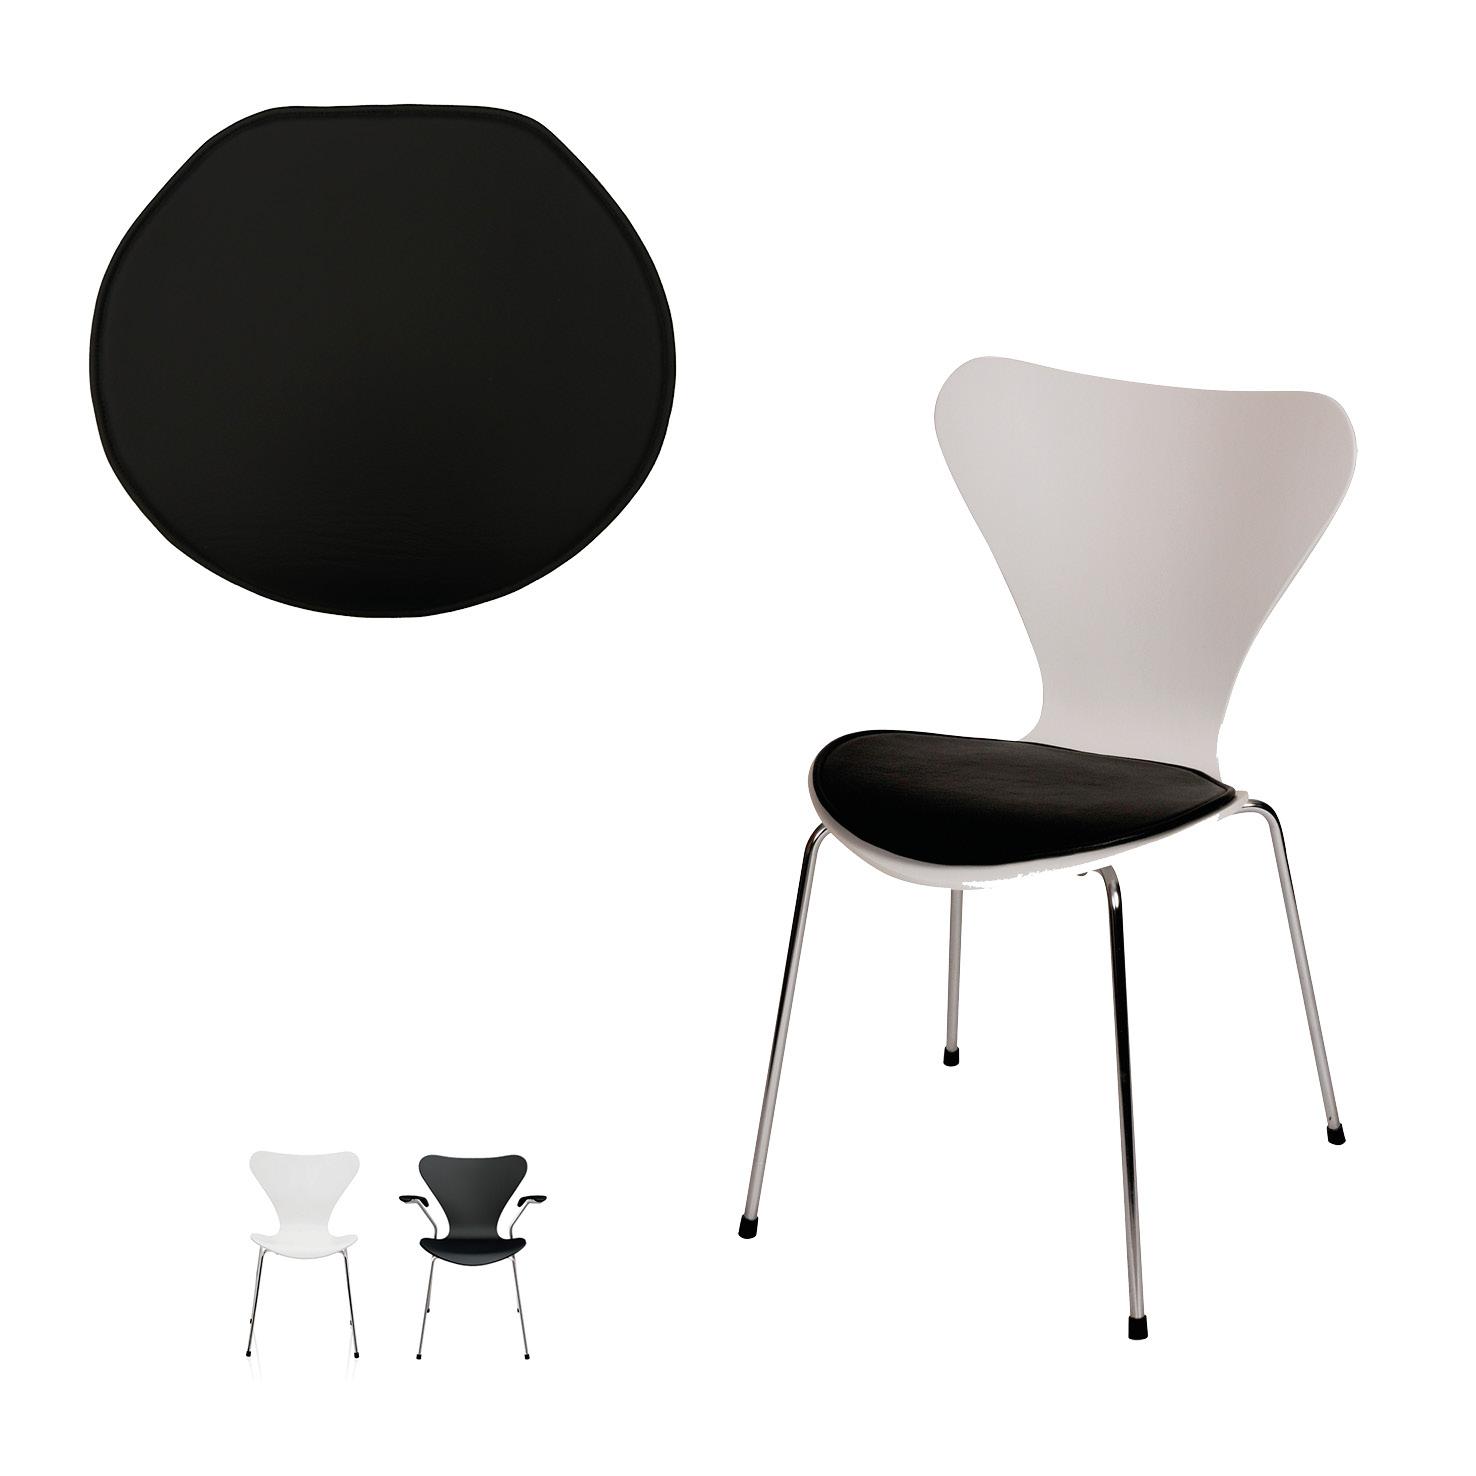 dynor til sjuan stol alt i sittdynor til sjuan stolar. Black Bedroom Furniture Sets. Home Design Ideas